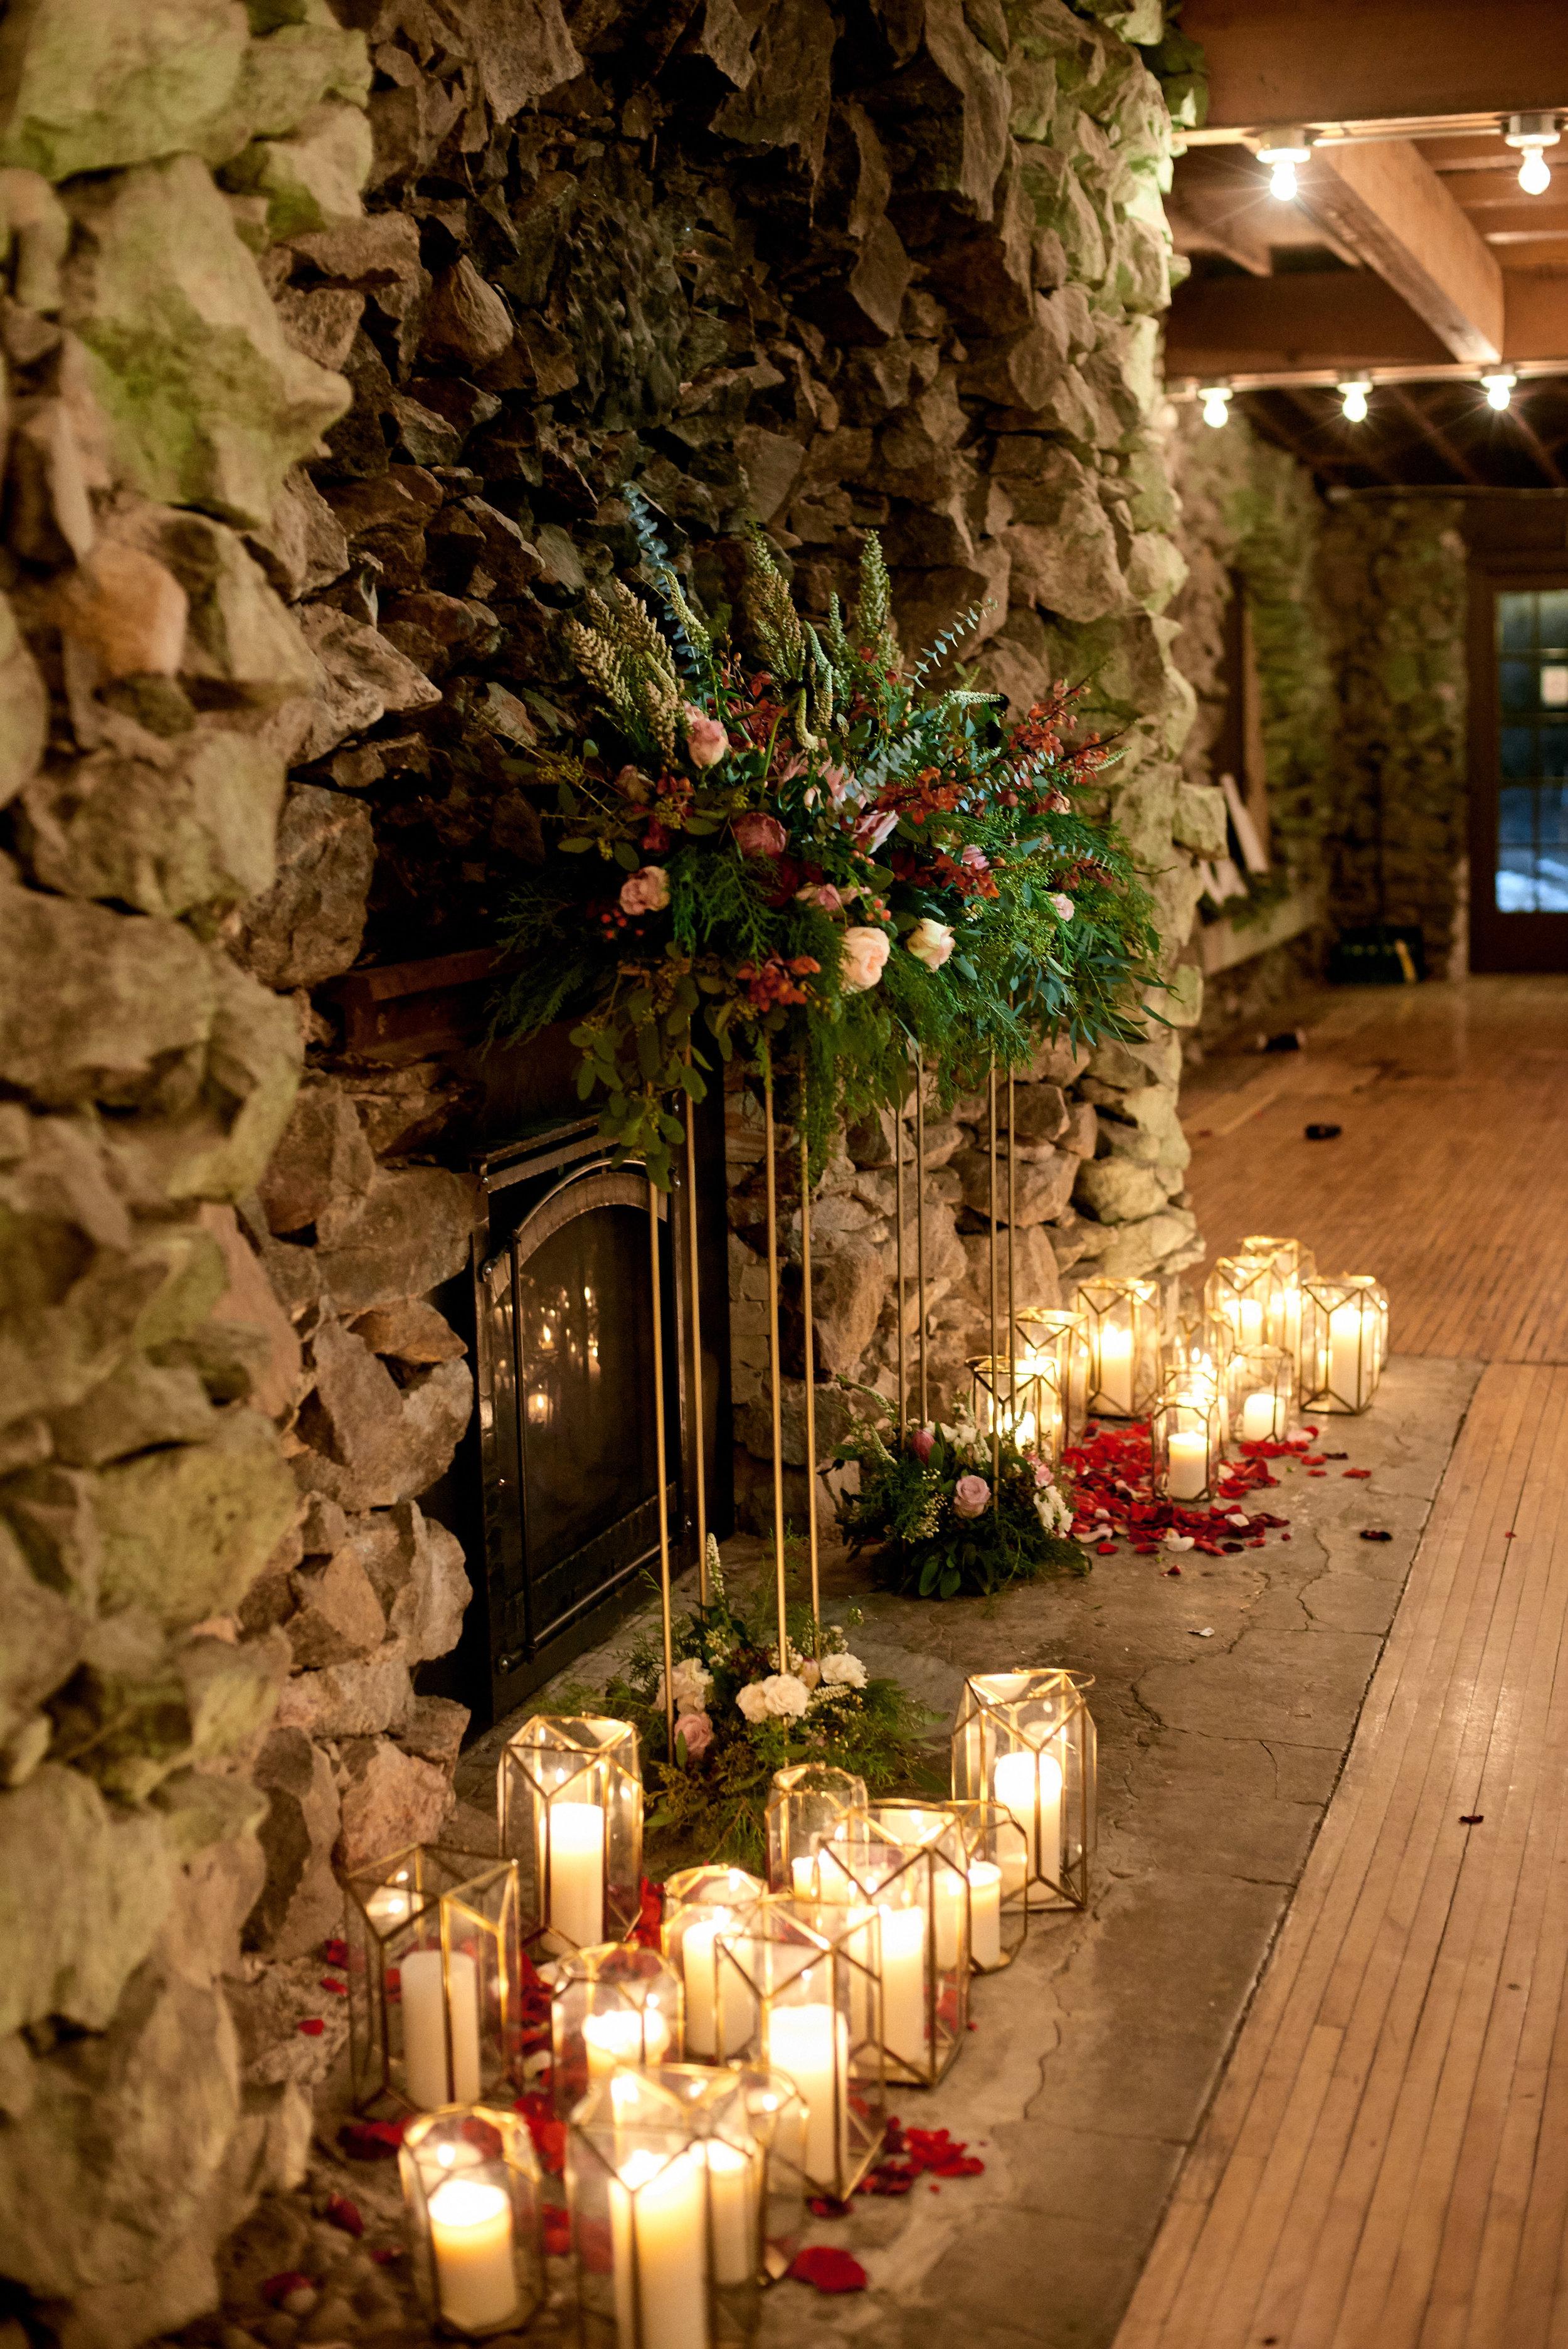 663-rothschild-pavilion-winter-wedding.jpg